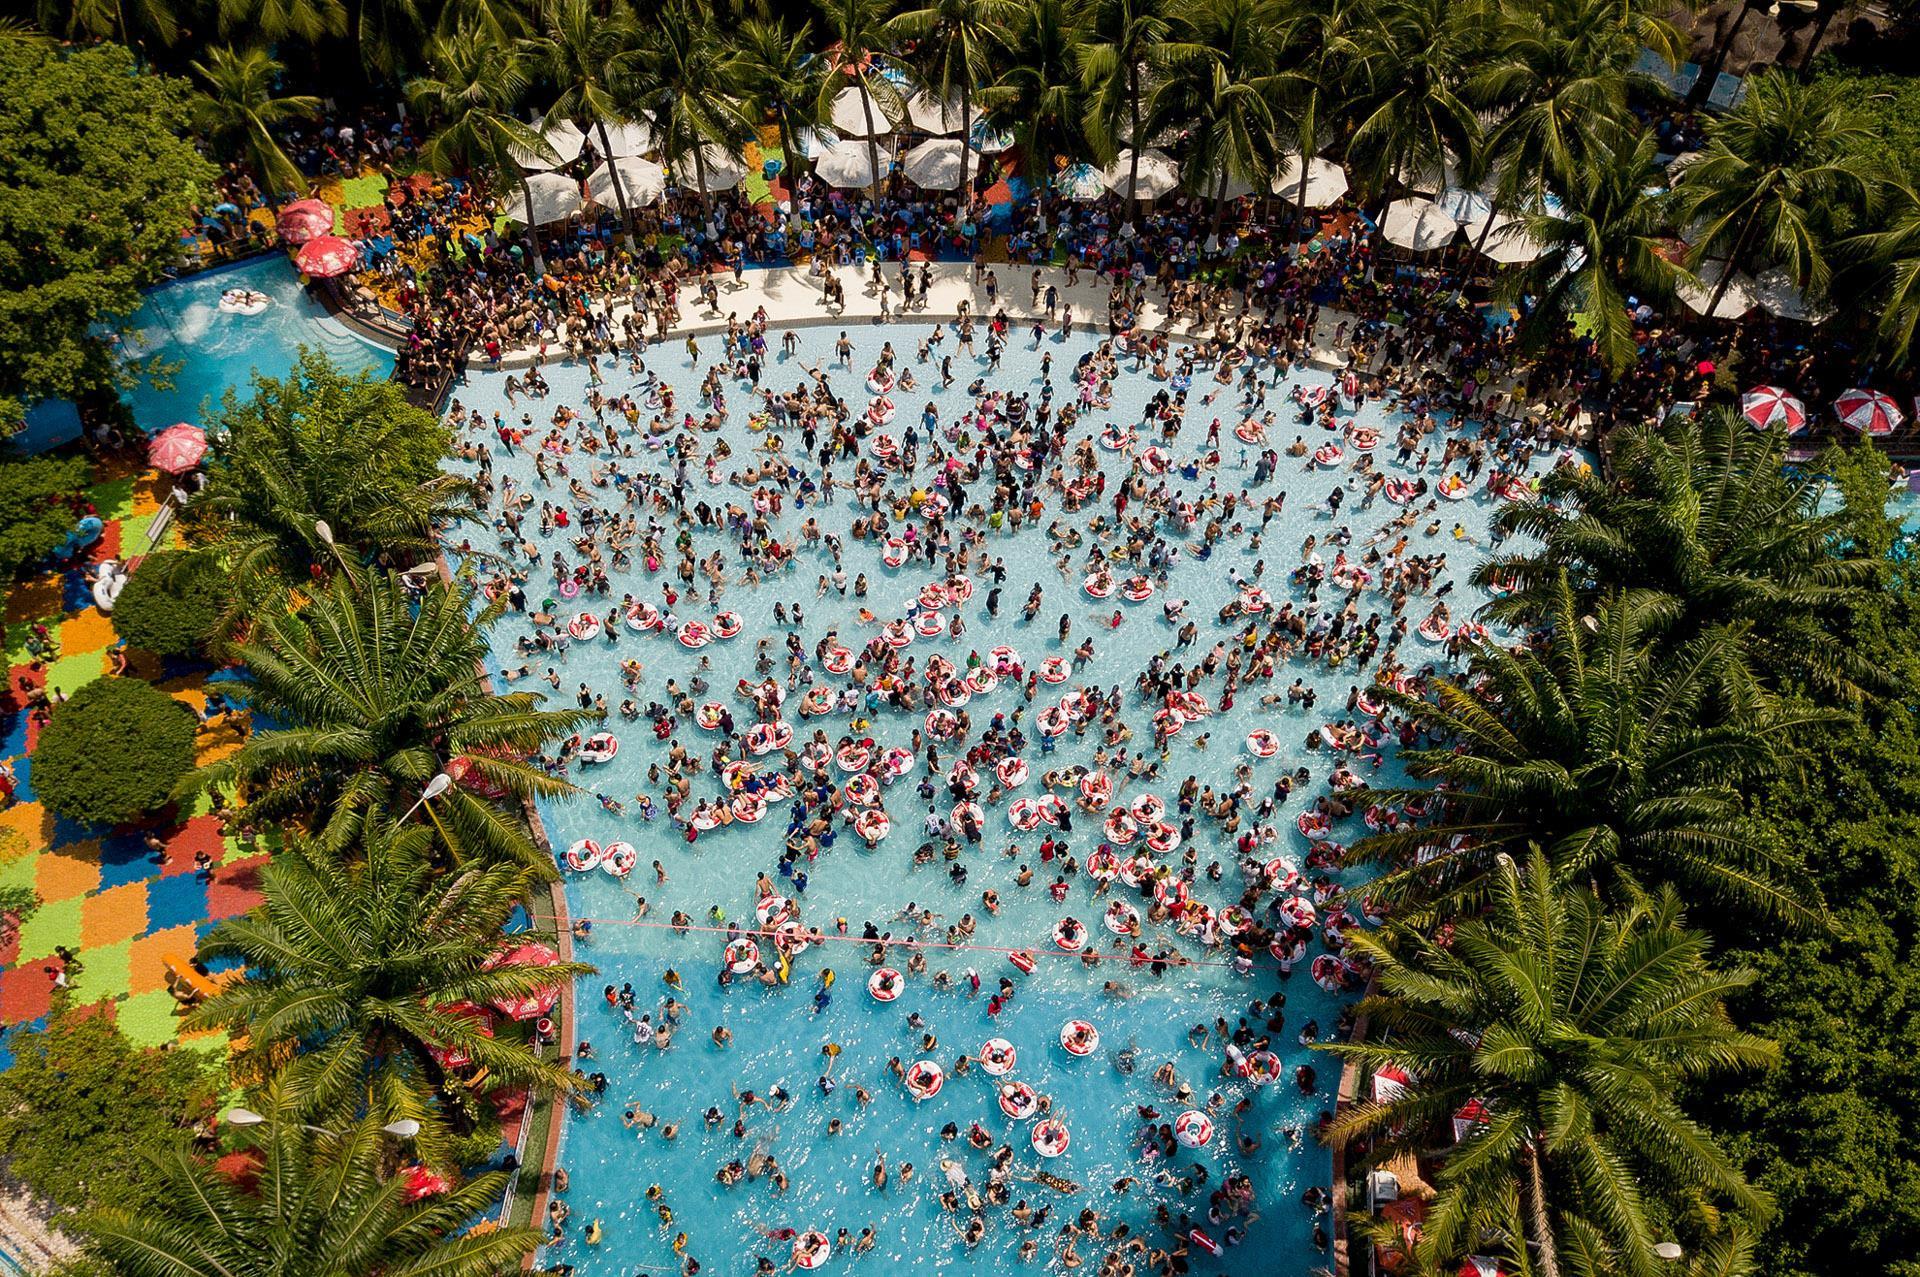 Hàng chục nghìn người chen nhau trong công viên nước Đầm Sen